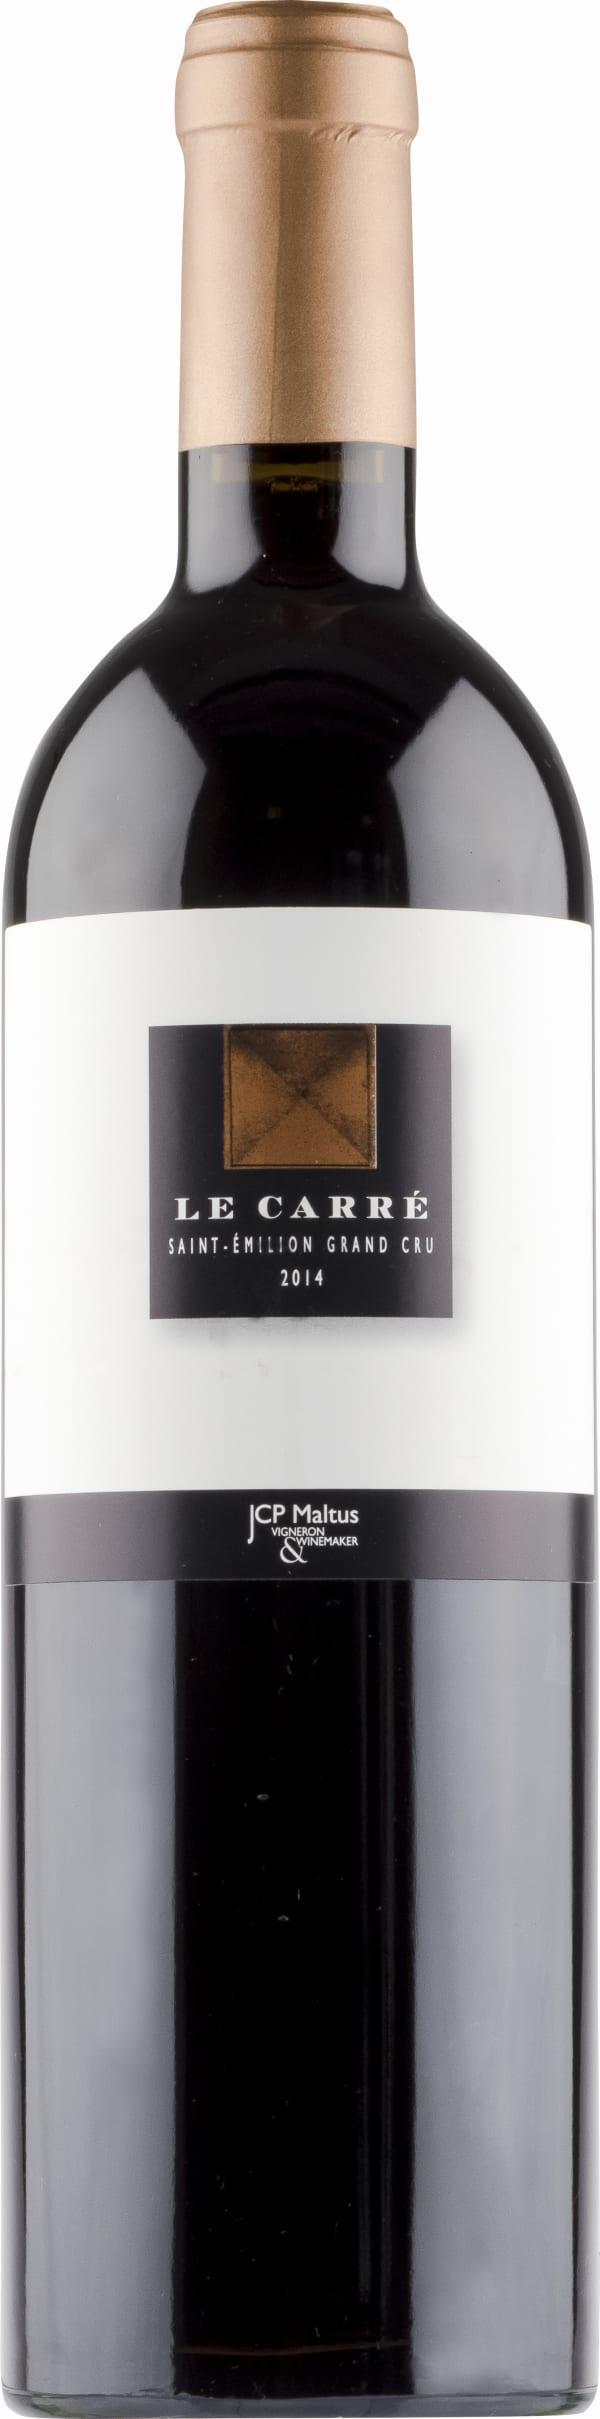 Le Carré 2014